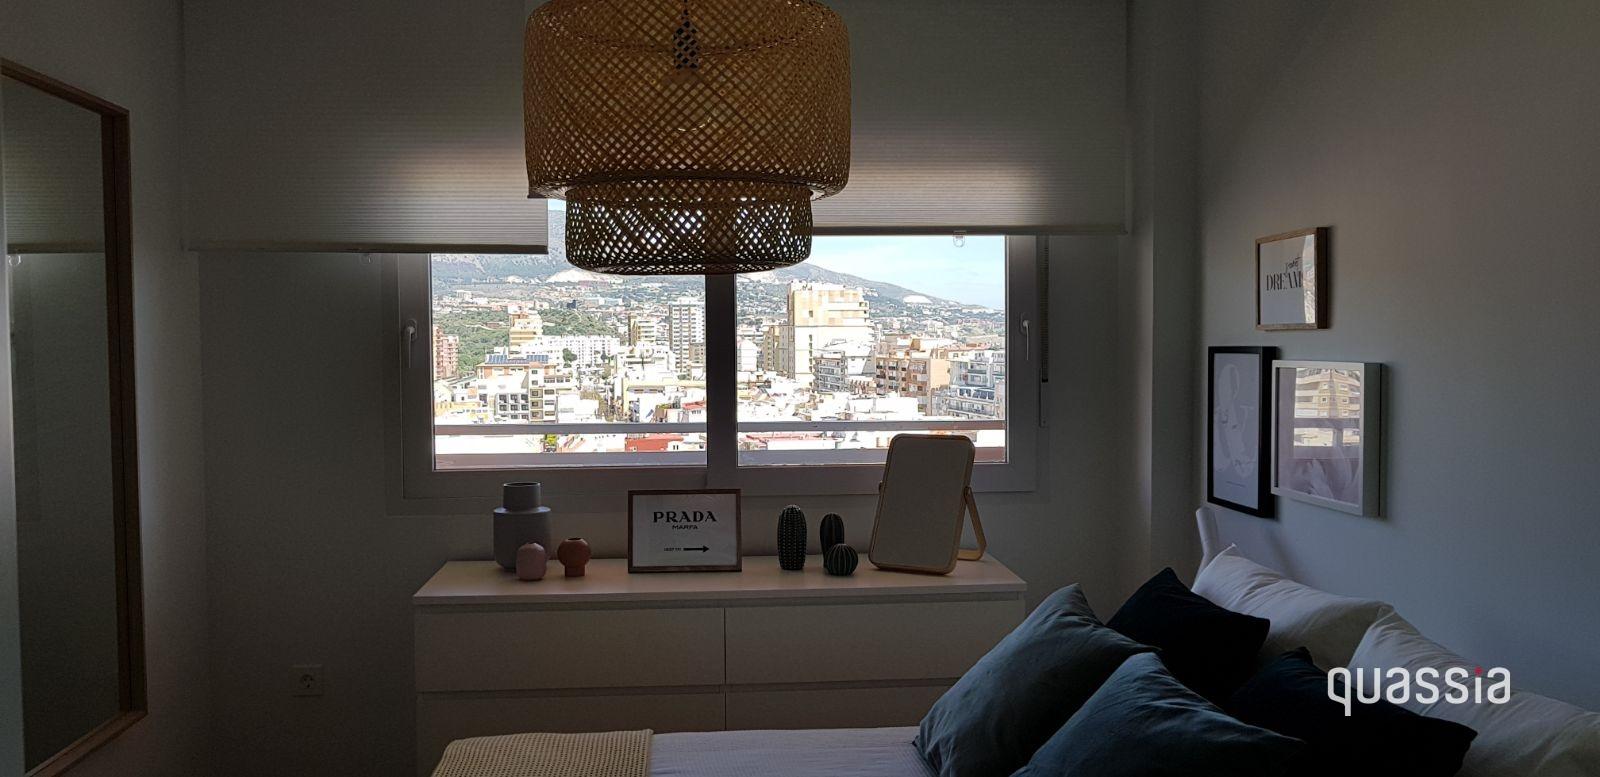 Reforma apartamento Fuengirola por Quassia (19)